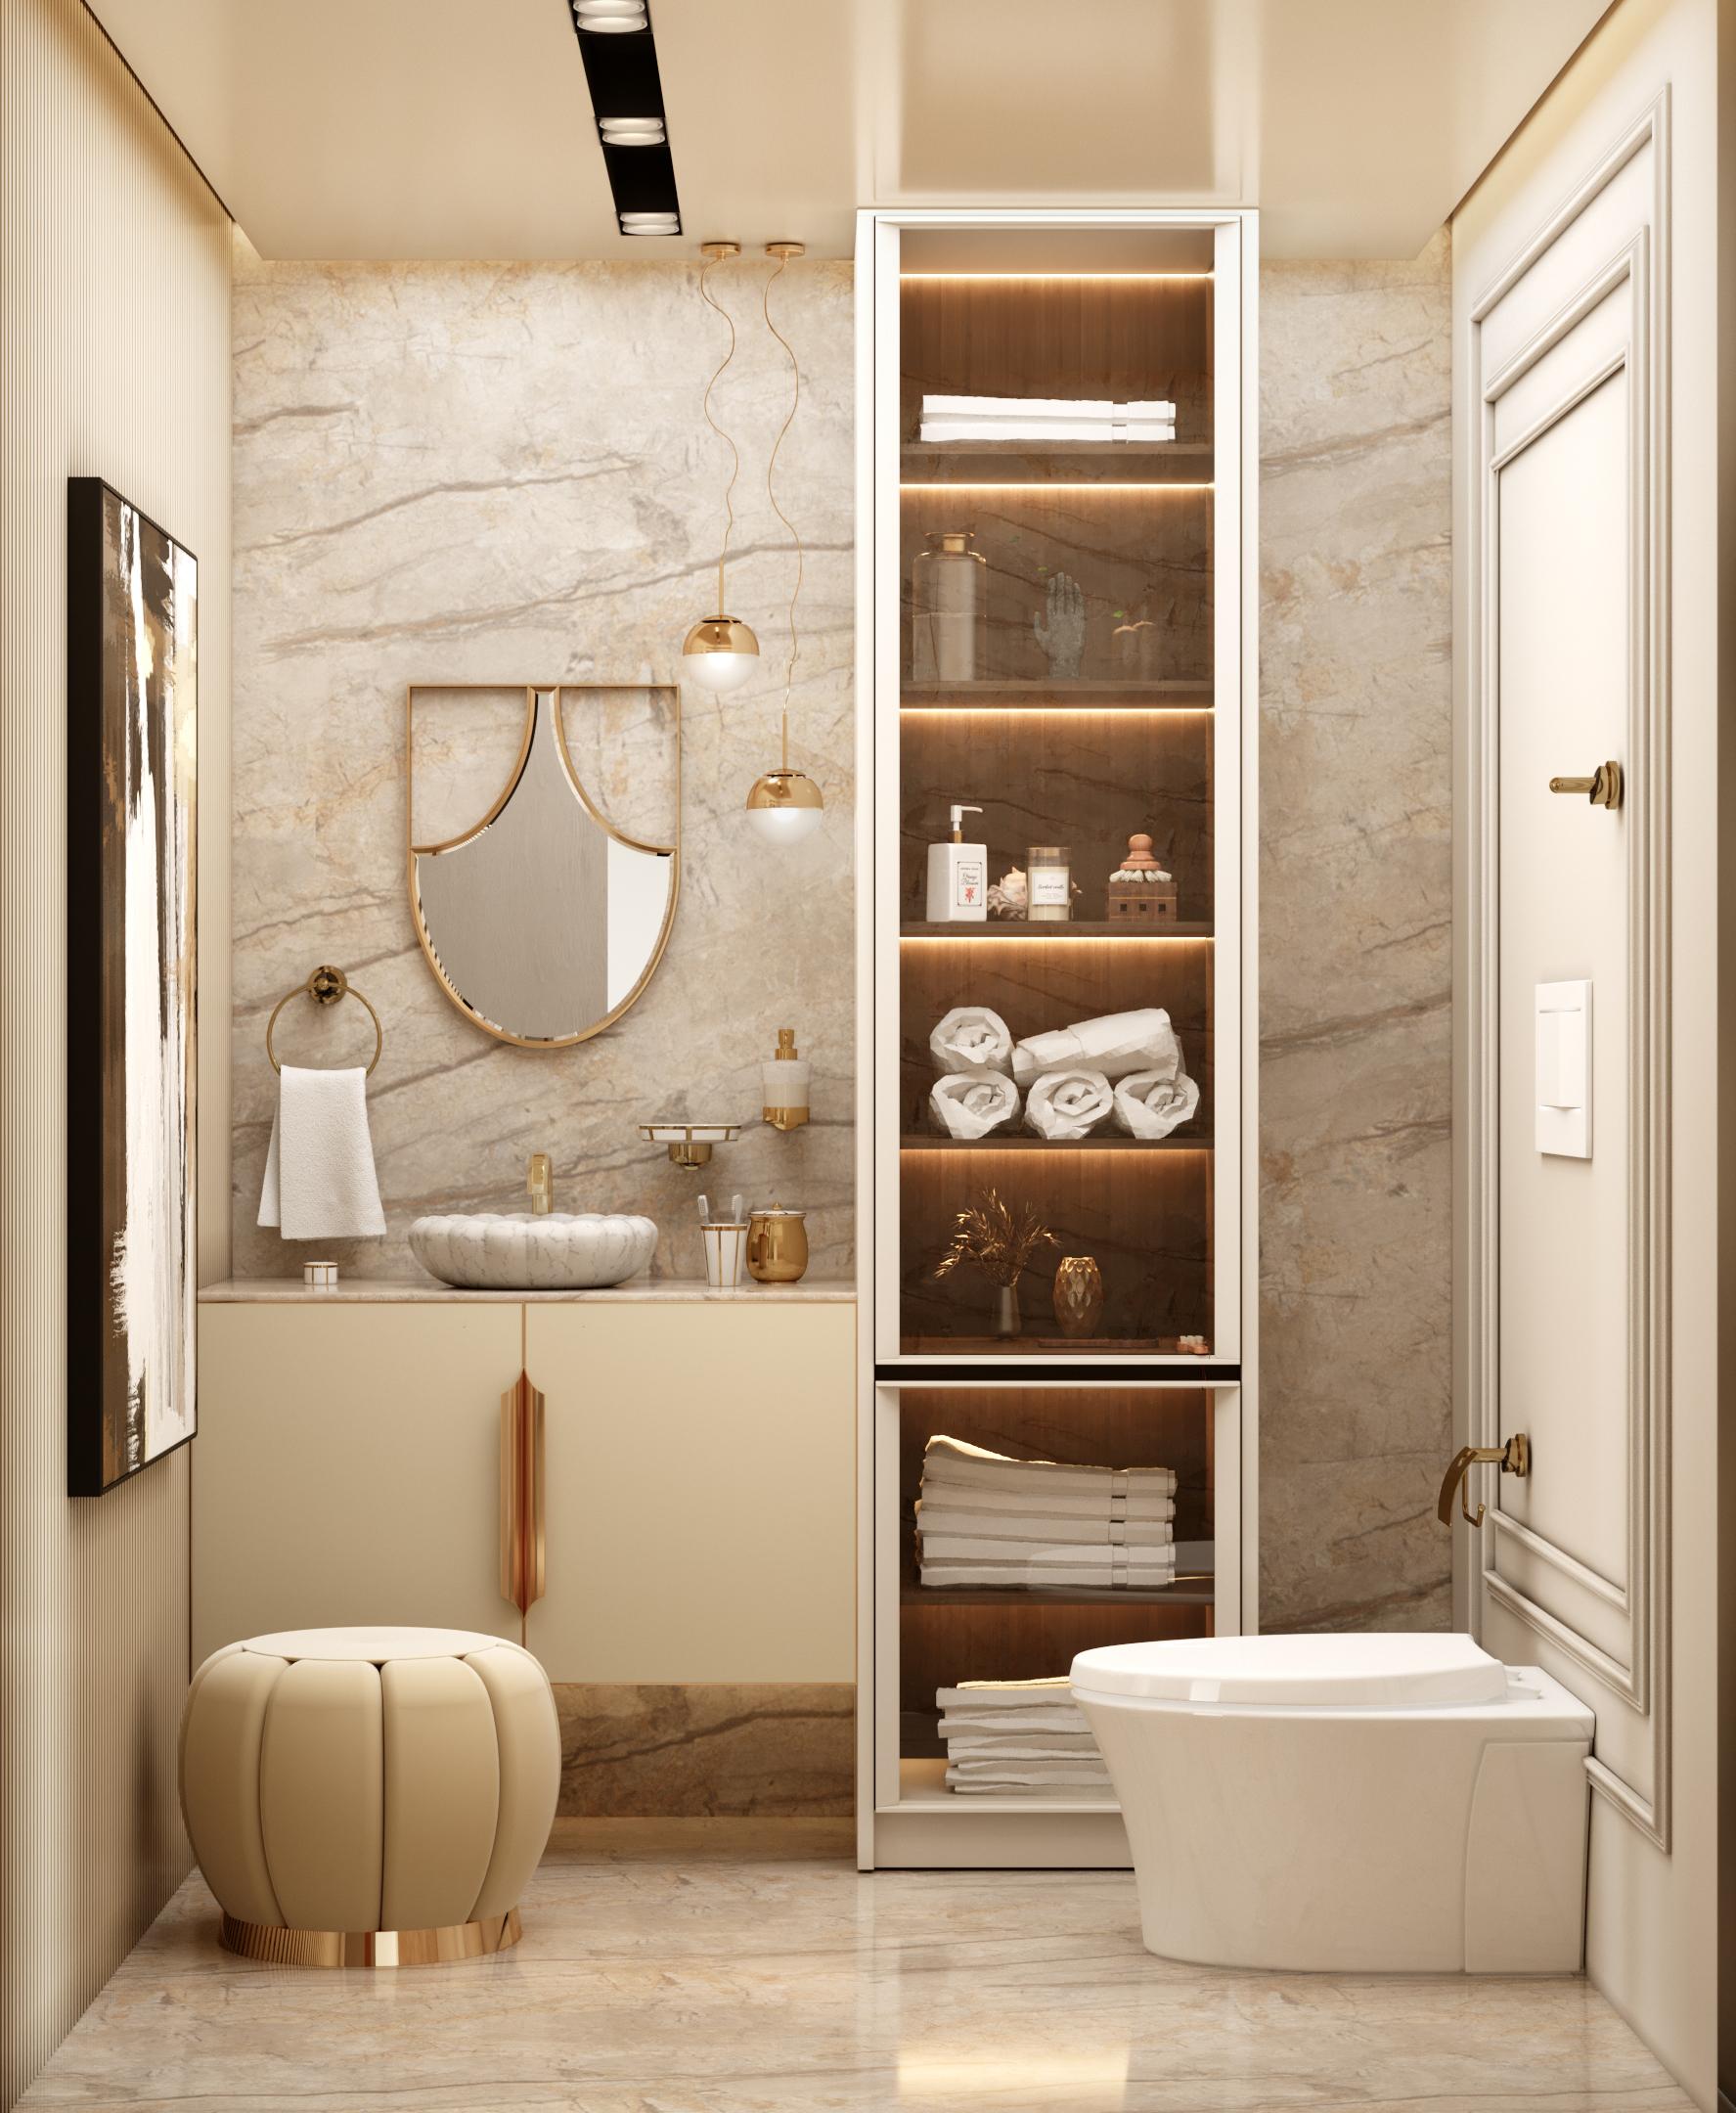 Baño poderoso del Ático Moderno y Contemporáneo de Millones baño poderoso Baño poderoso del Ático Moderno y Contemporáneo de Millones Bathroom 1